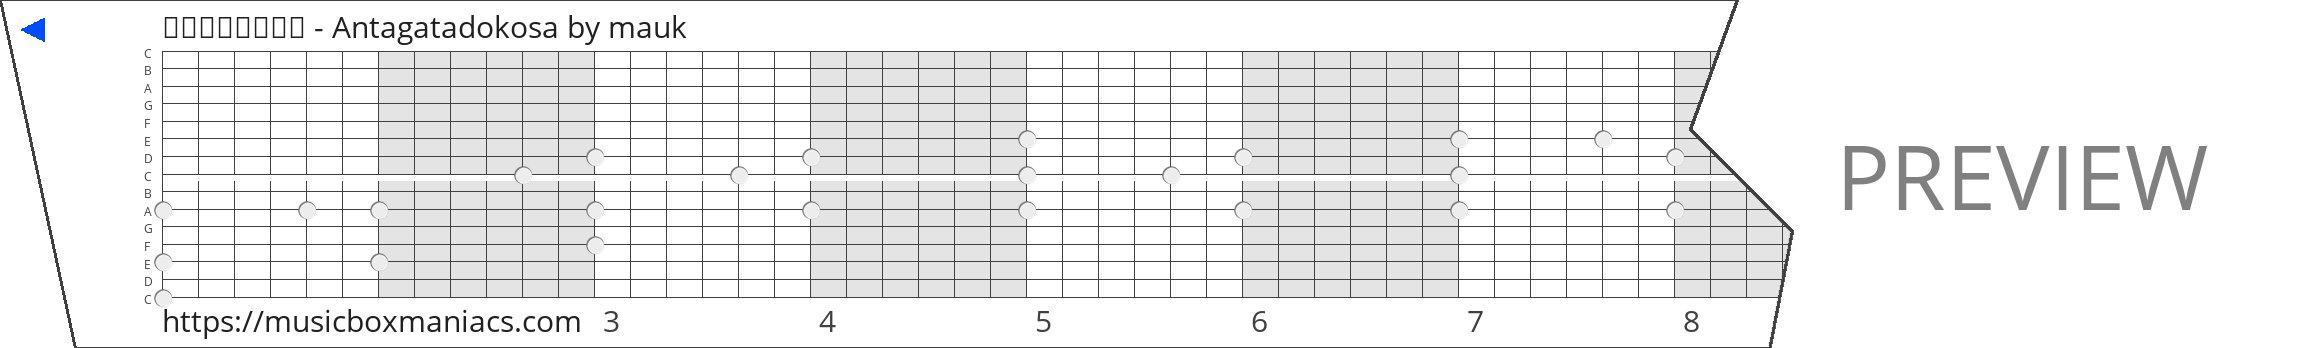 あんたがたどこさ - Antagatadokosa 15 note music box paper strip